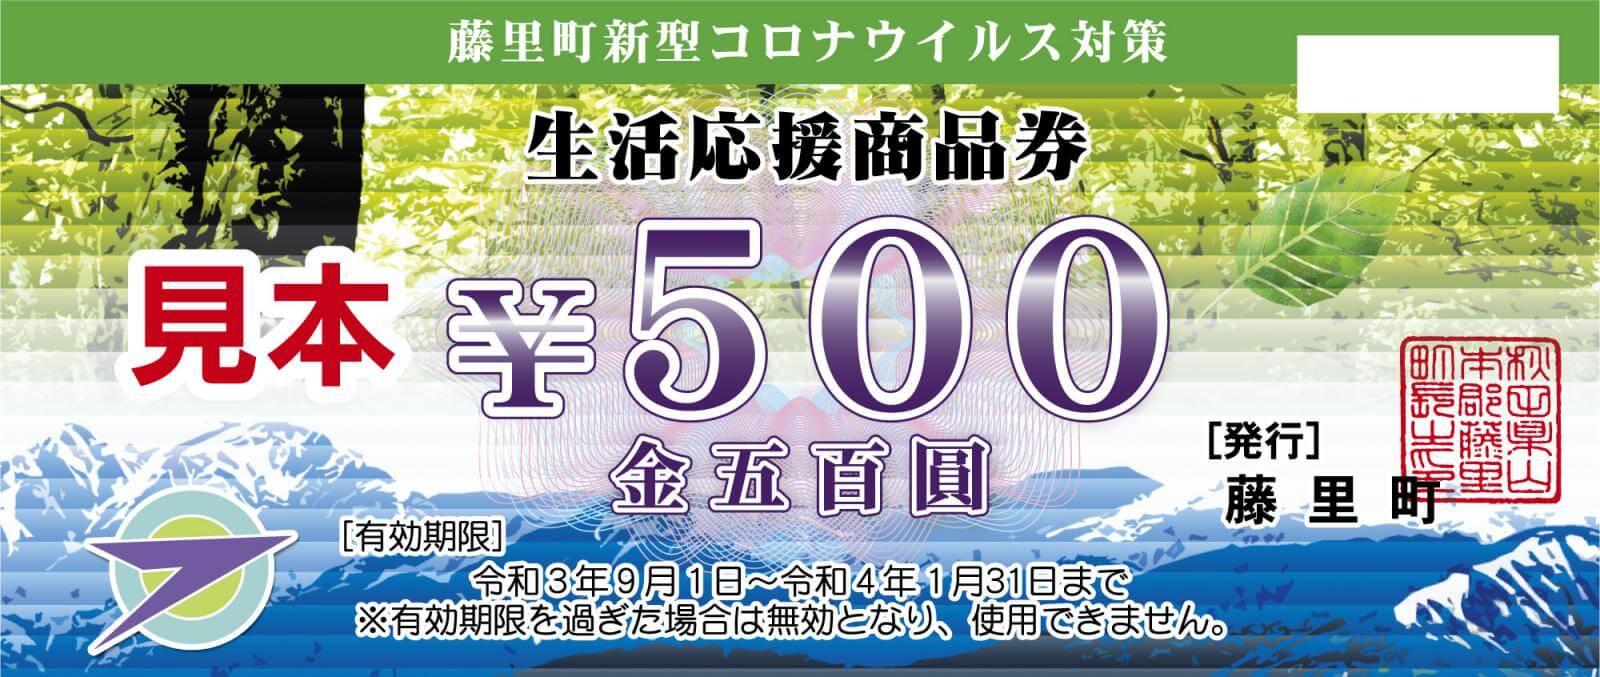 藤里町新型コロナウイルス対策生活応援商品券